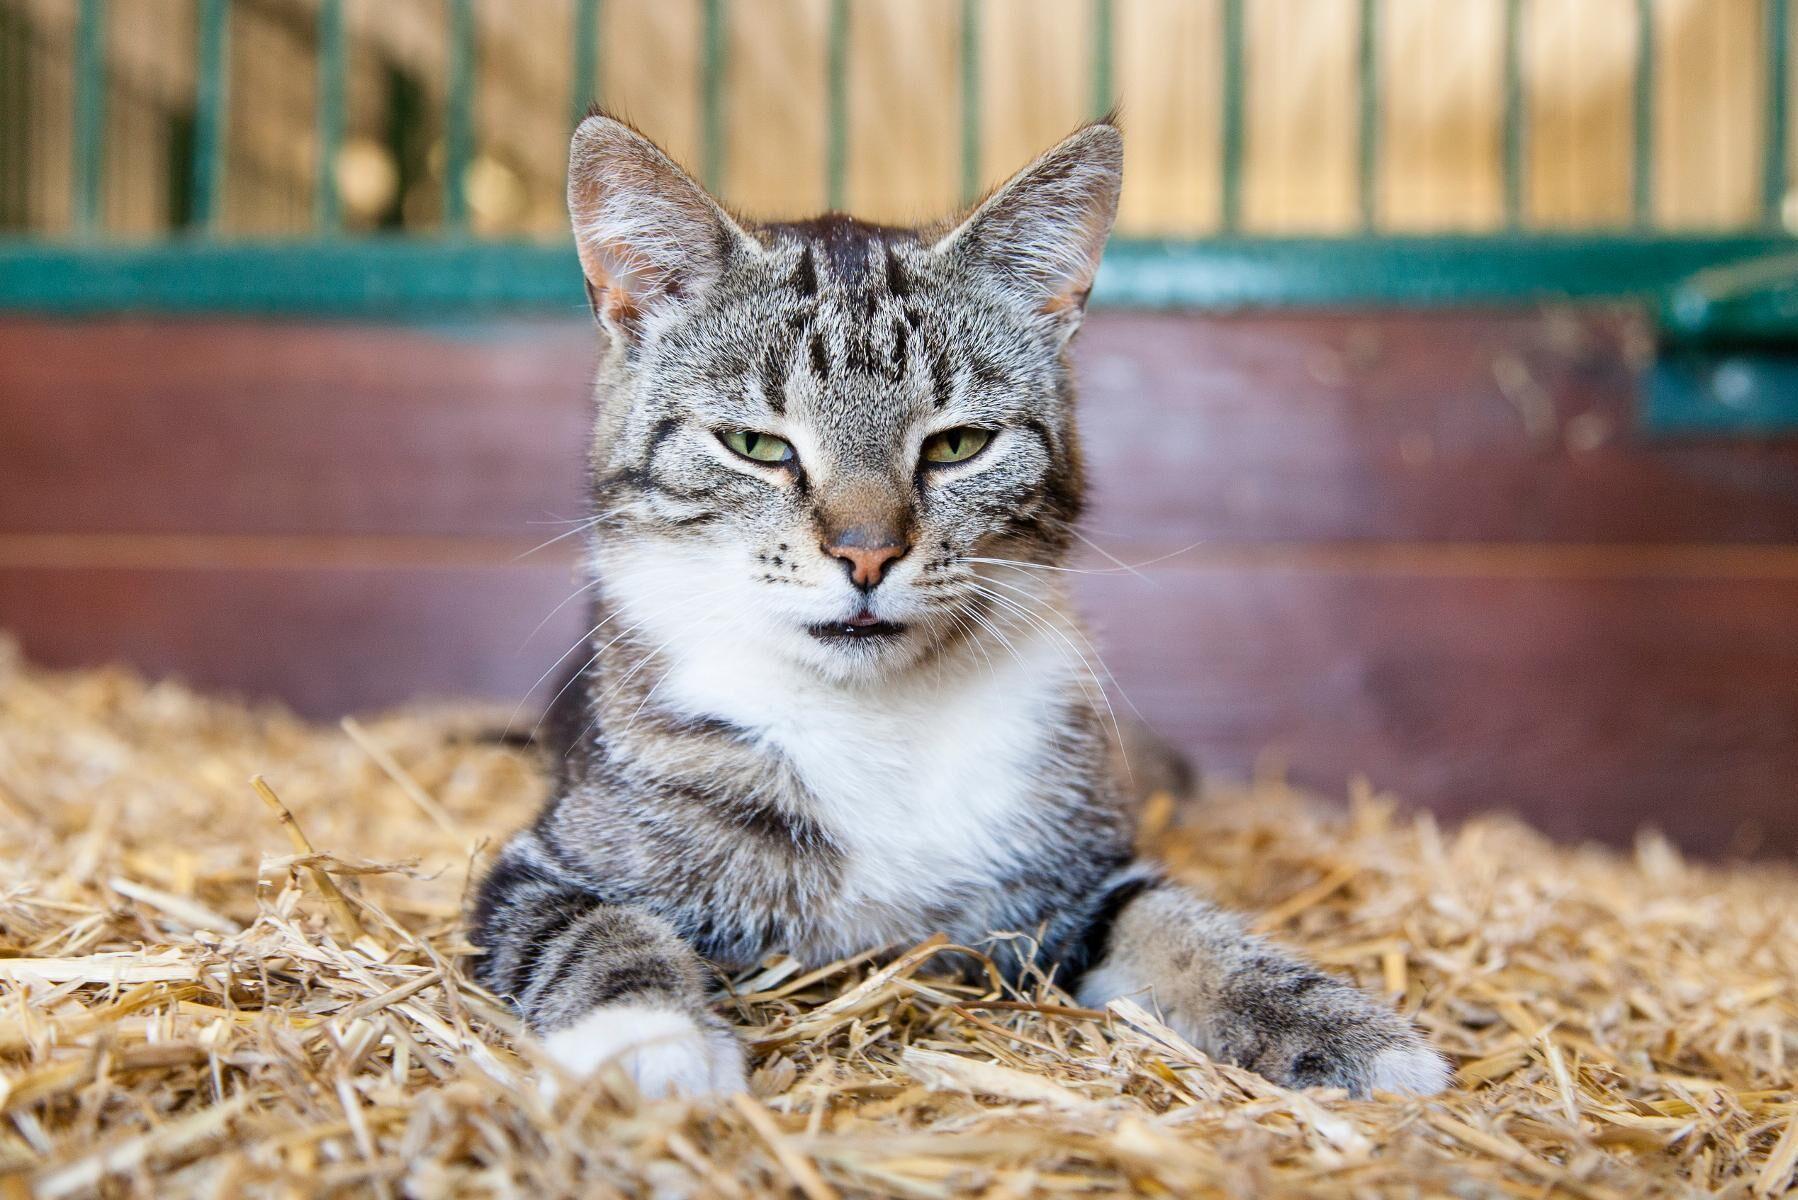 En avelsplan om bondkatter har väckt starka känslor bland kattvänner. Nu dras godkännandet från Jordbruksverket tillbaka. Arkivbild.